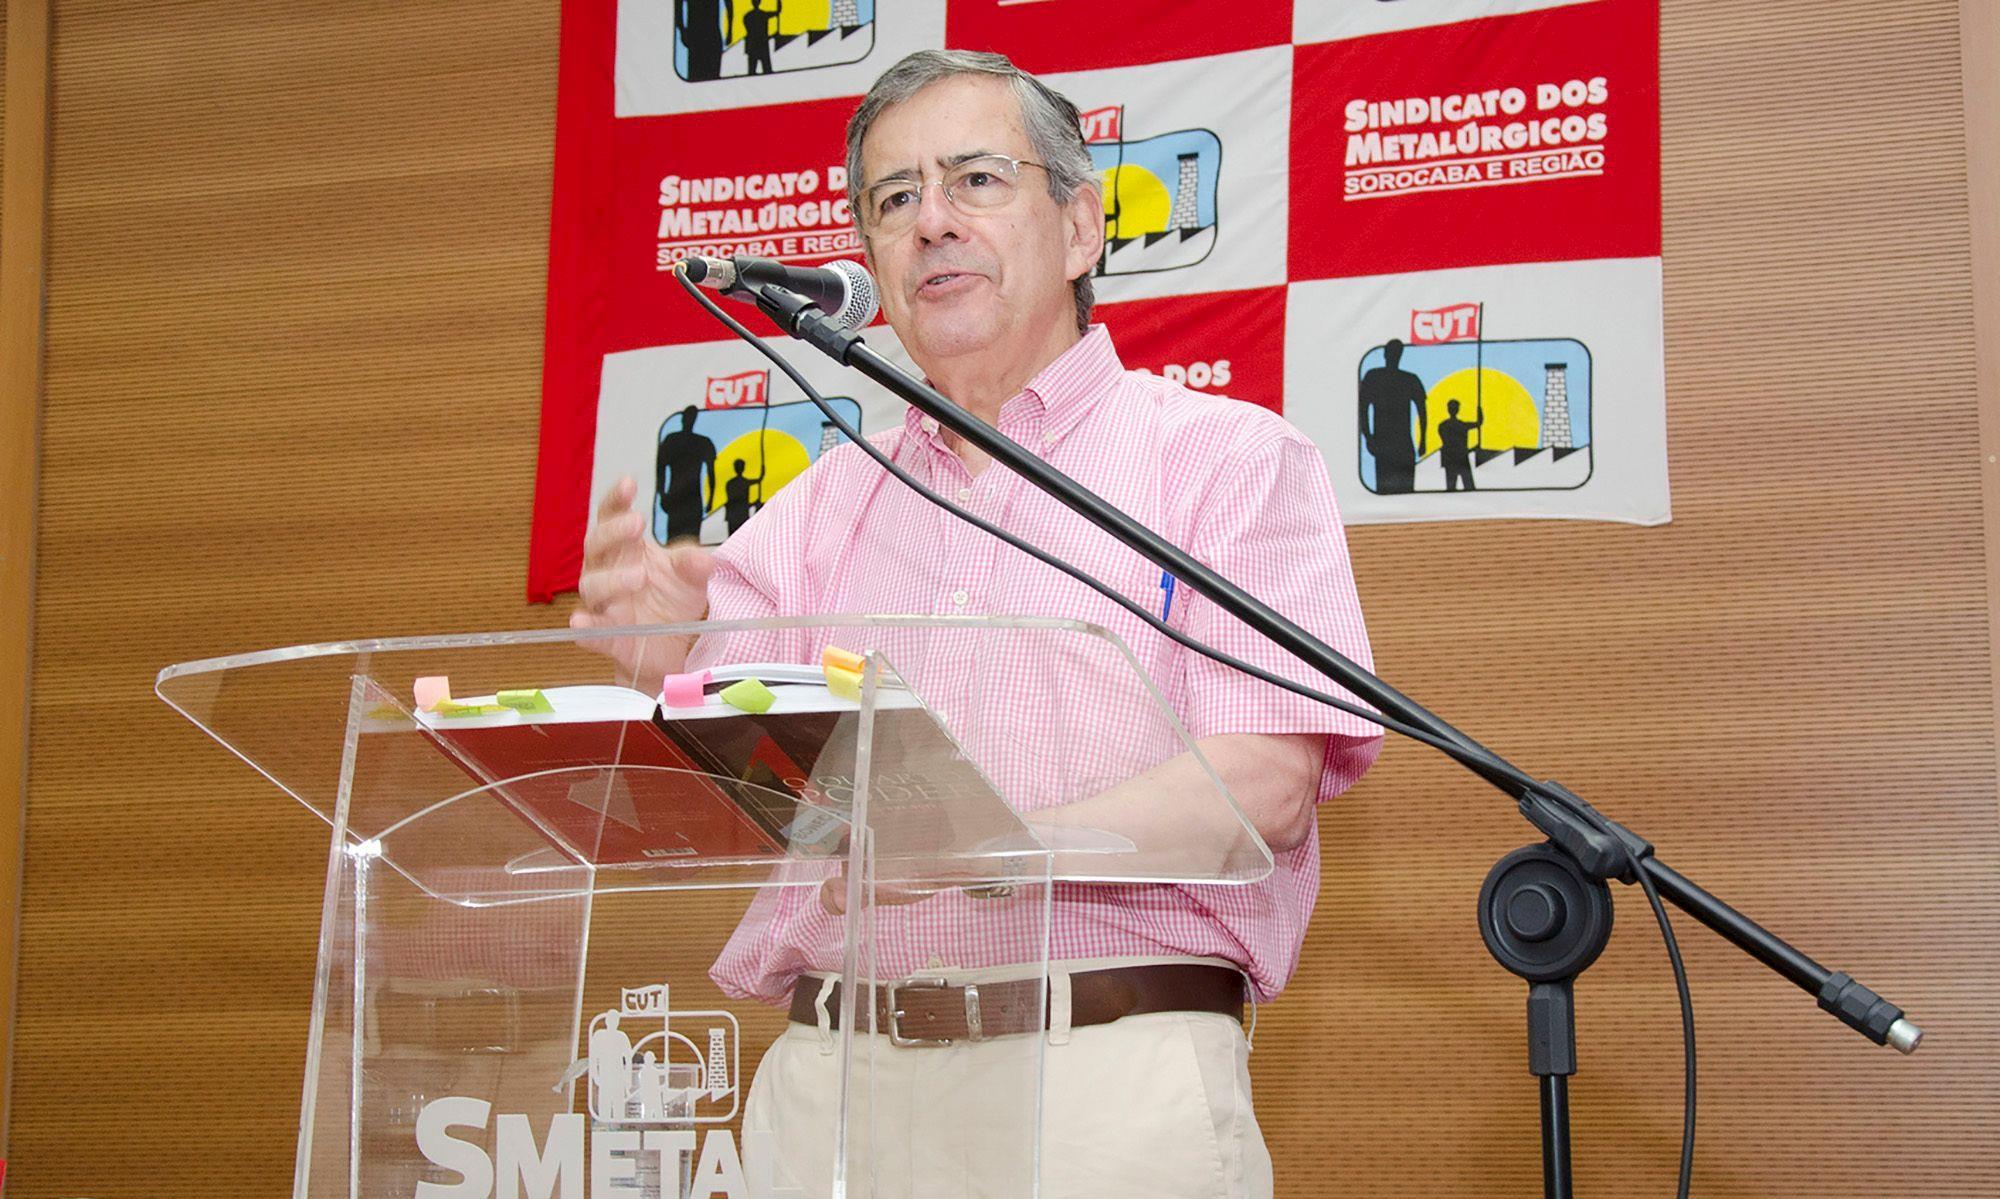 Paulo, Henrique, jornalista, morte,, Foguinho/Arquivo Imprensa SMetal